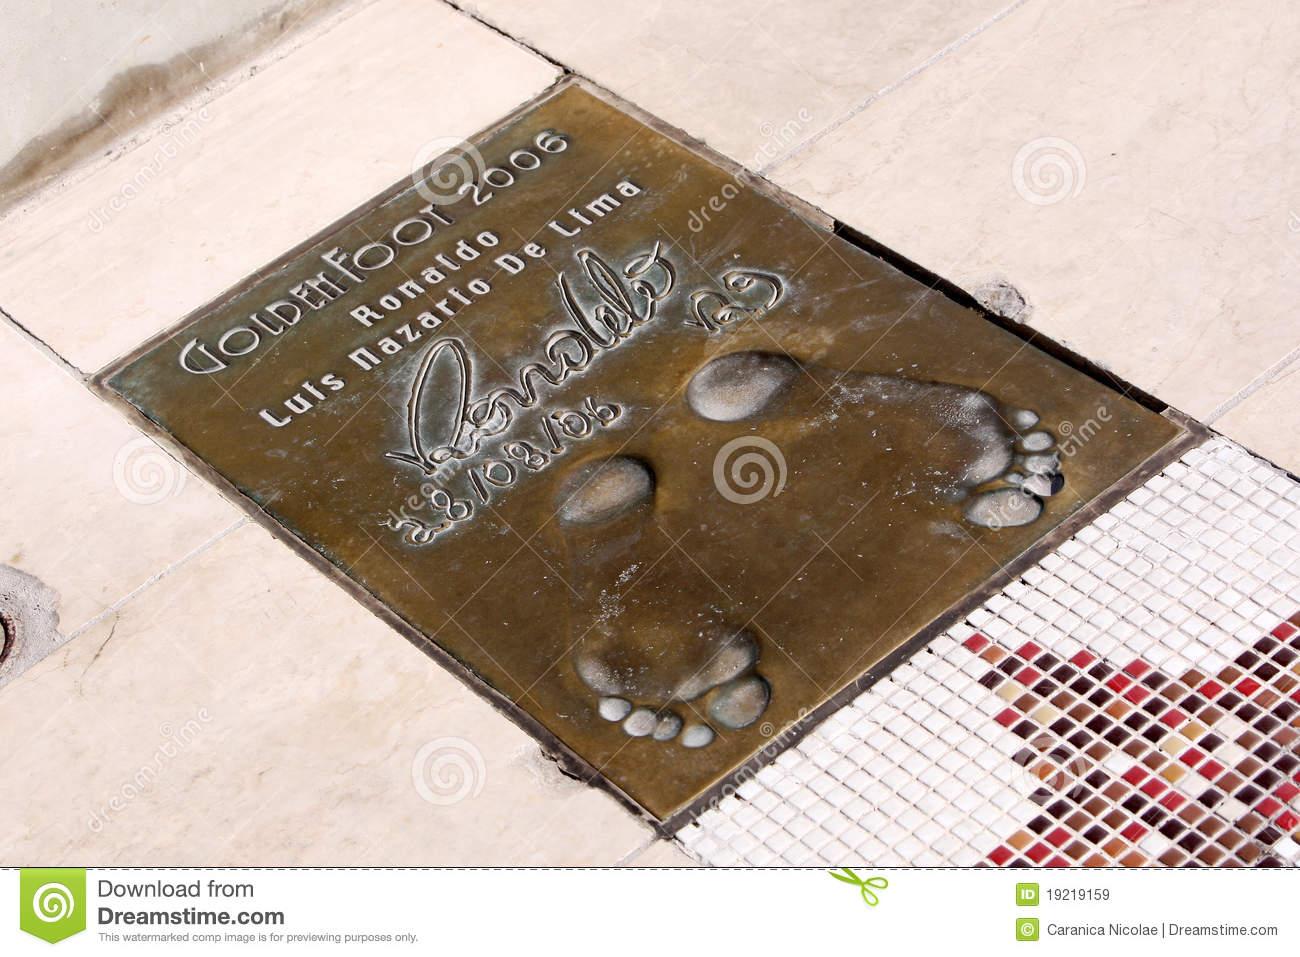 Ronaldo Luís Nazário De Lima 's Footprints Editorial Stock Image.